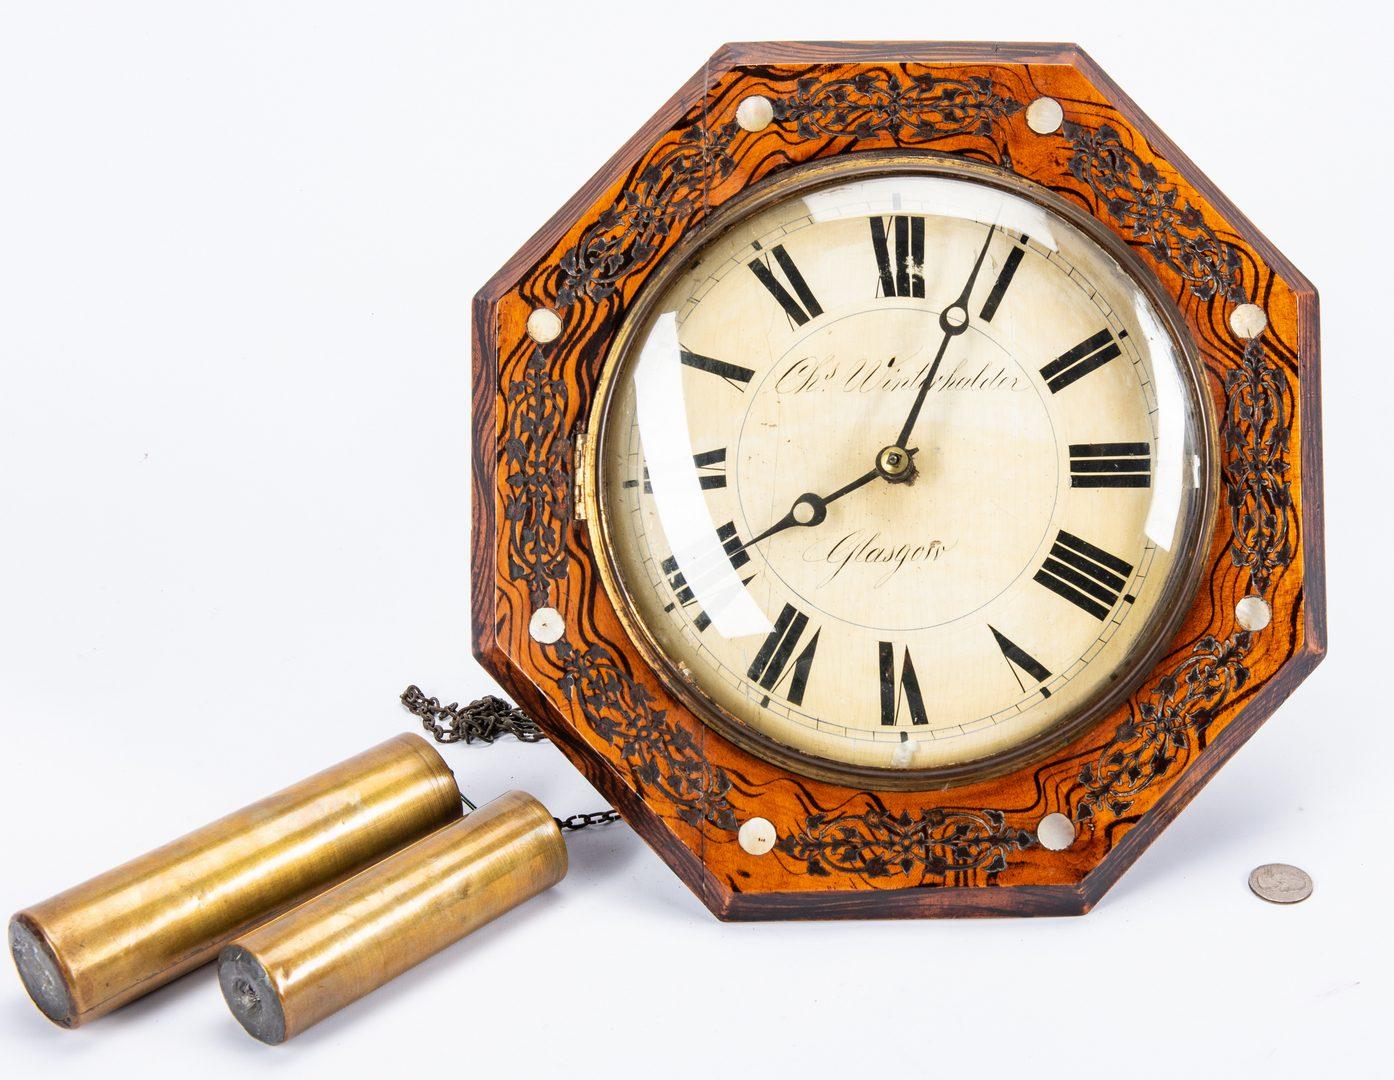 Lot 225: Winterhalder Glasgow Wag on Wall Clock